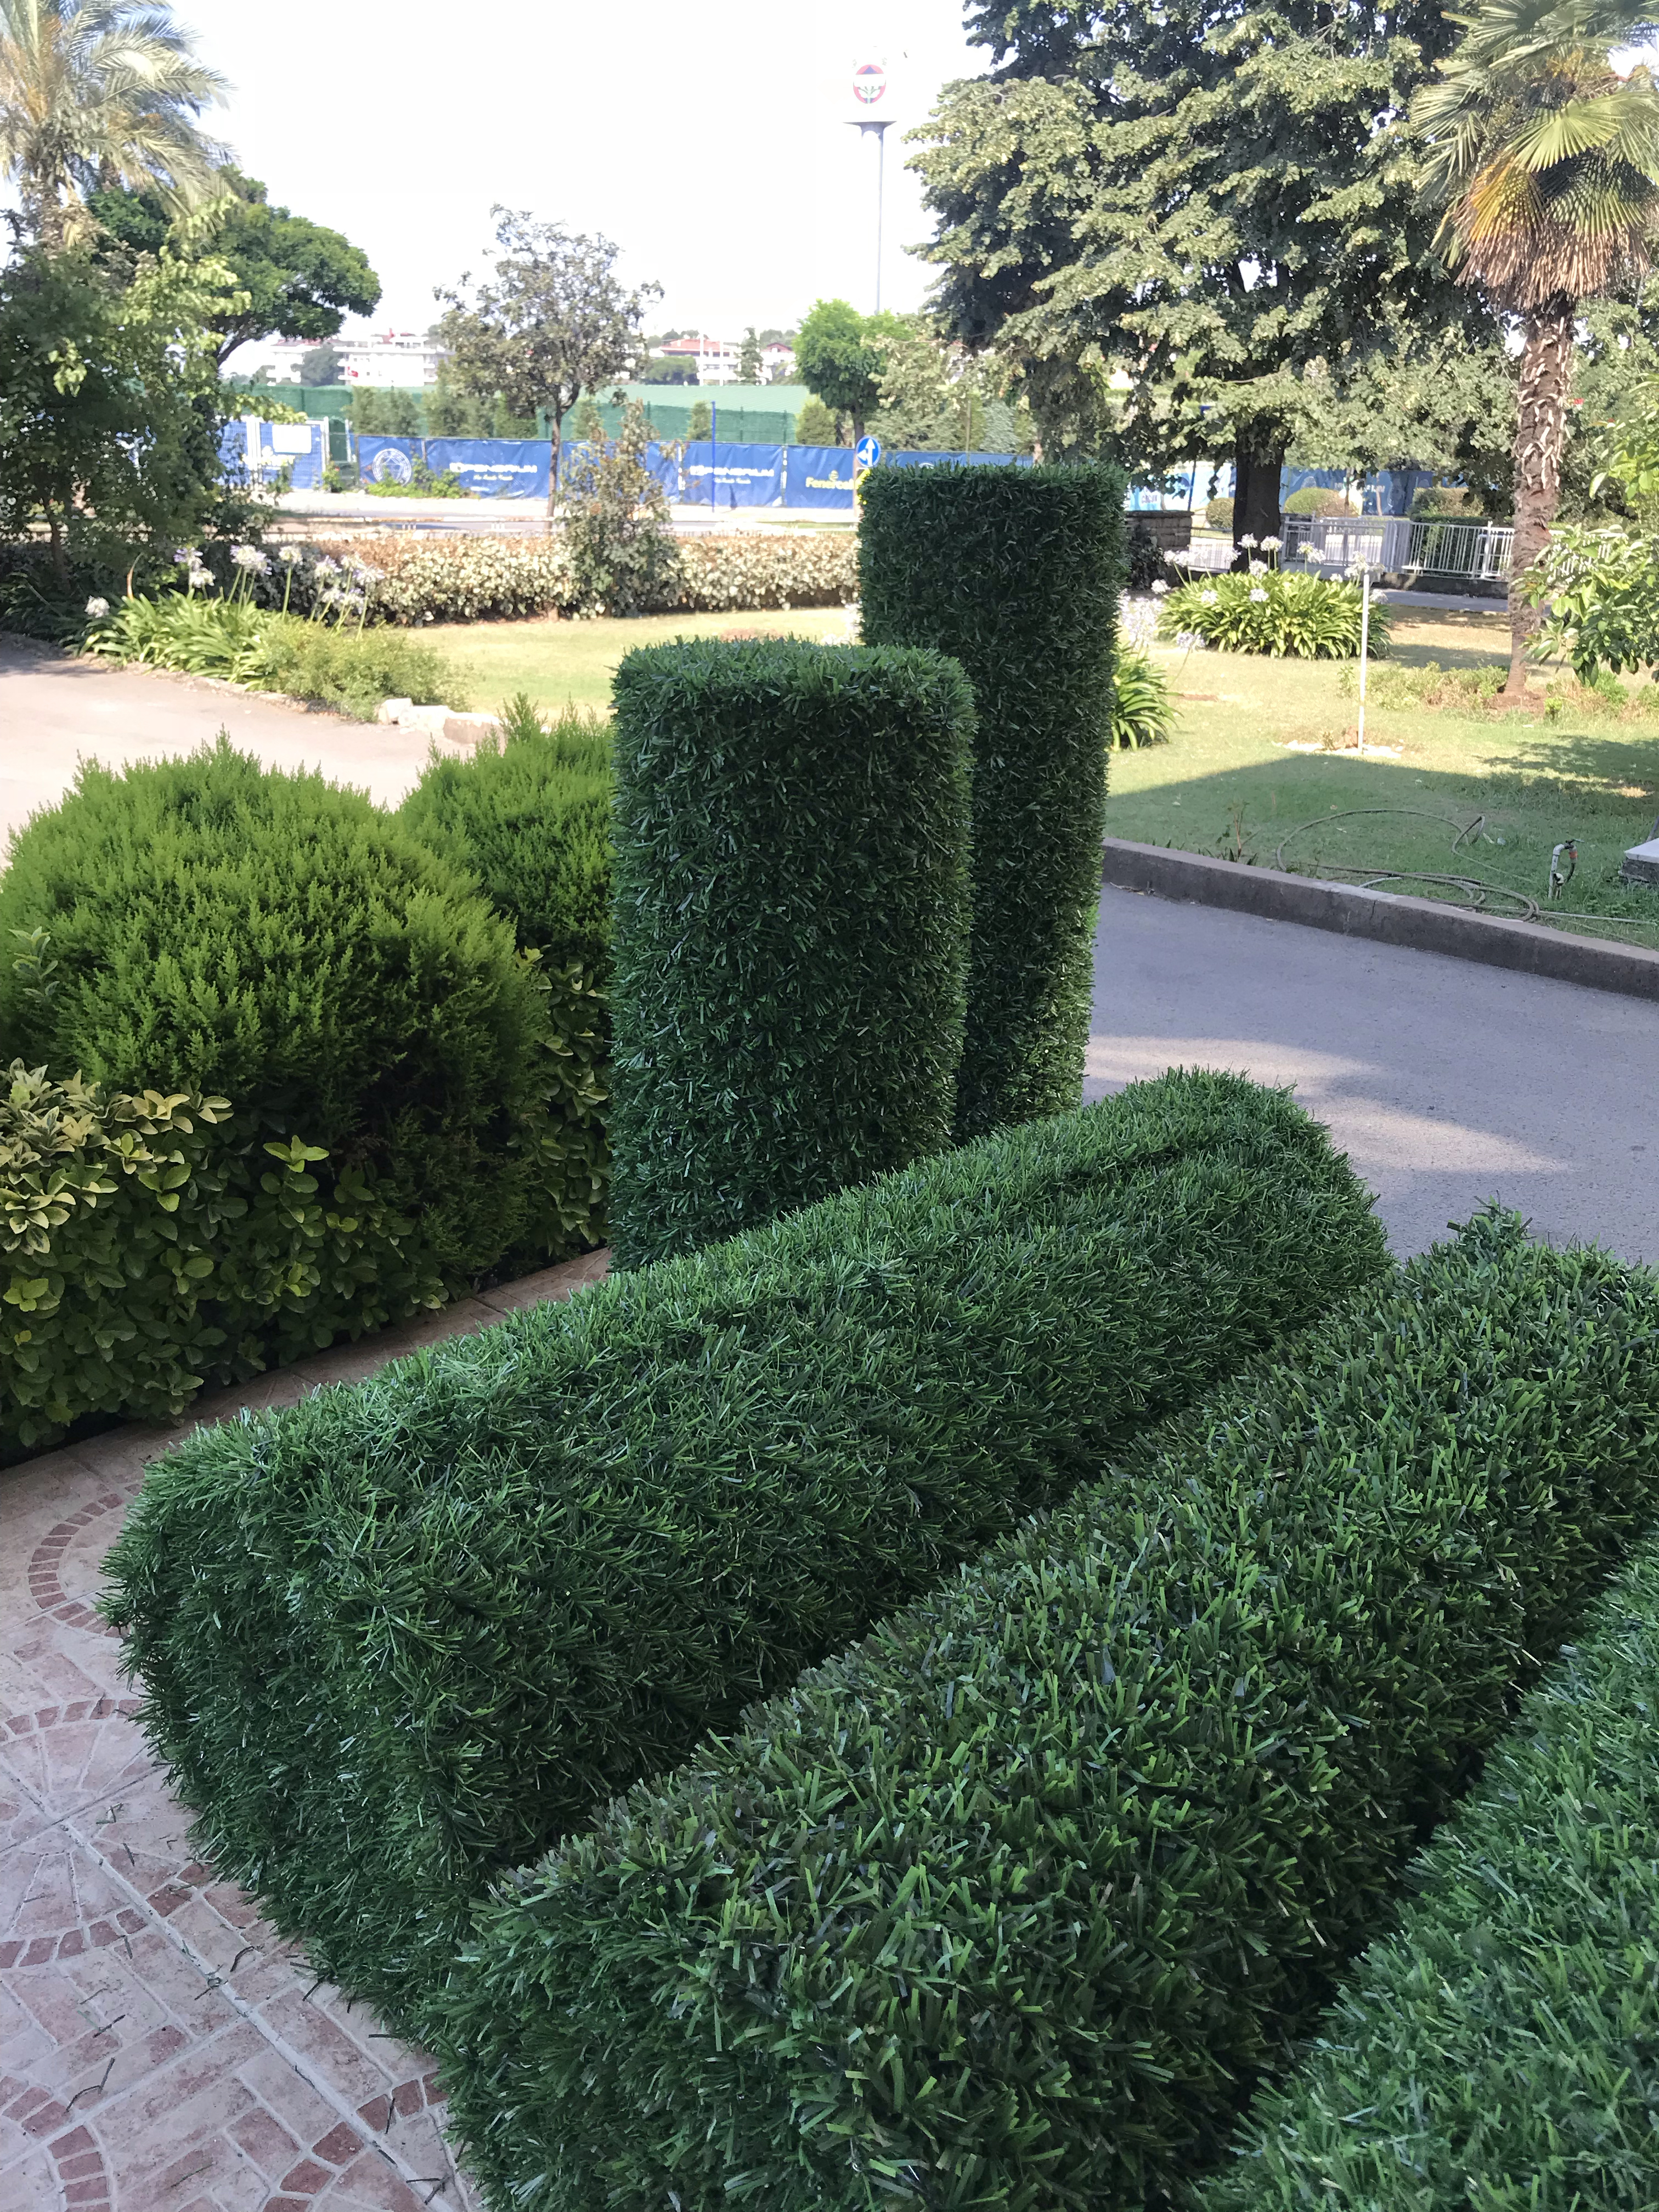 5 yıl garantili yanmaz solmaz paslanmaz çim çit Anadolu çim çitten istediğiniz ölçülerde çim çit